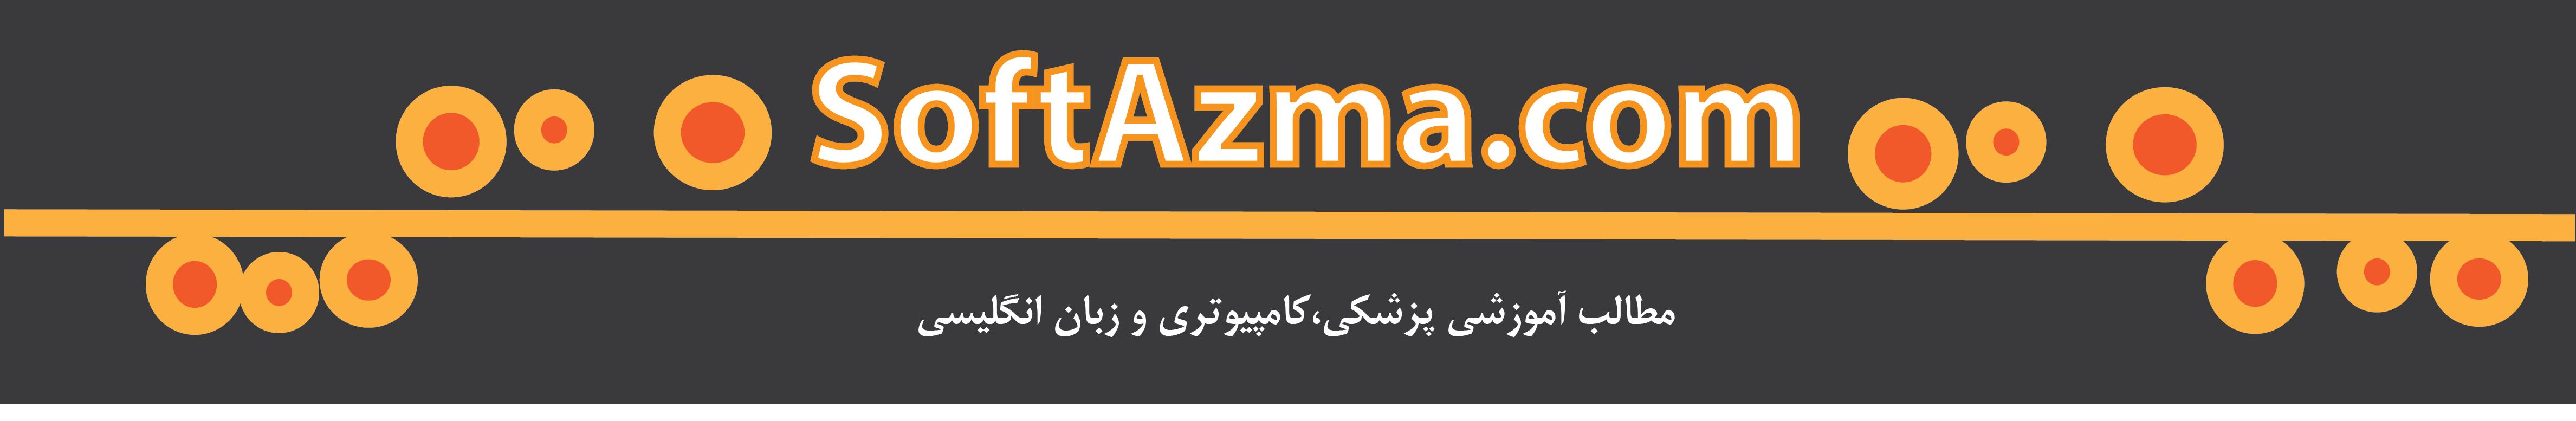 softazma.com